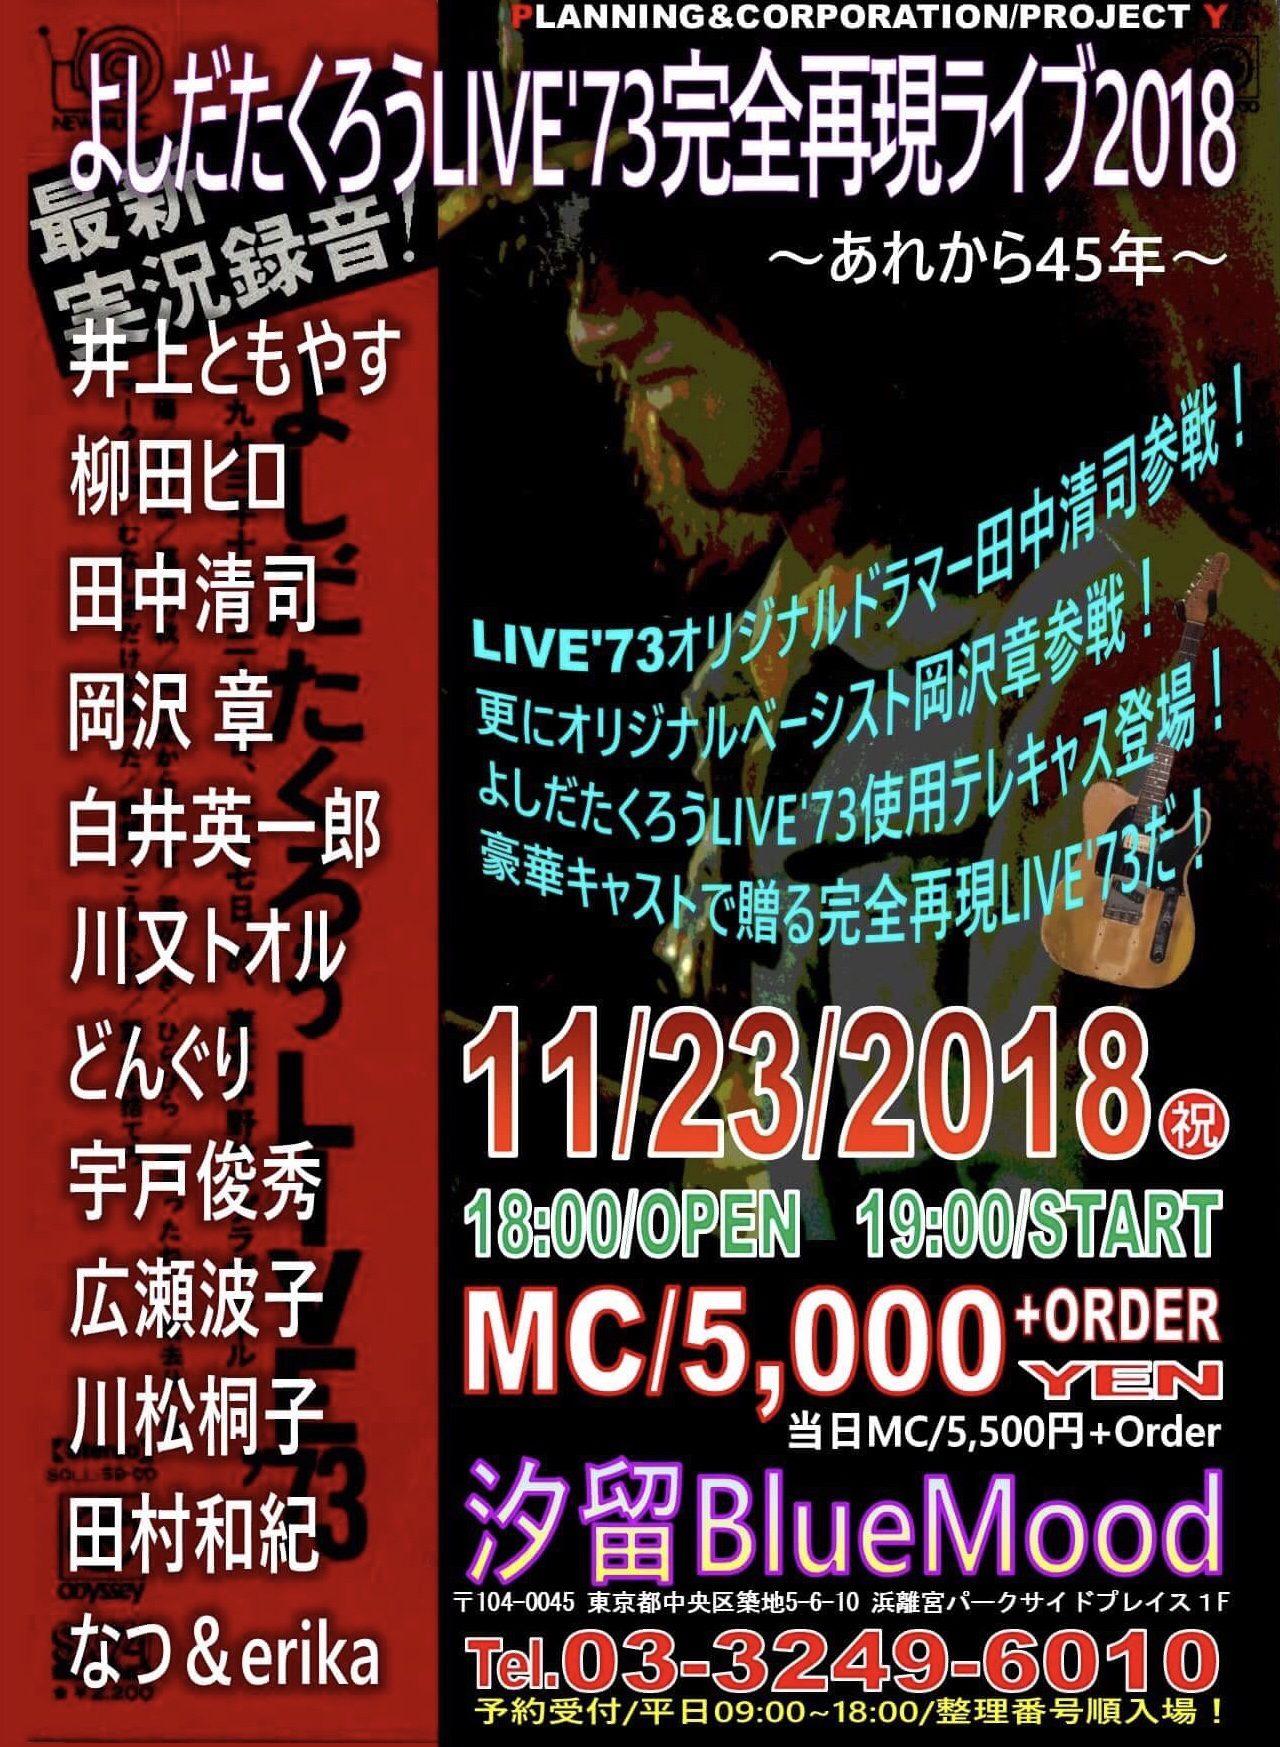 井上ともやすバンド  よしだたくろうライブ'73完全再現ライブ2018 〜あれから45年〜